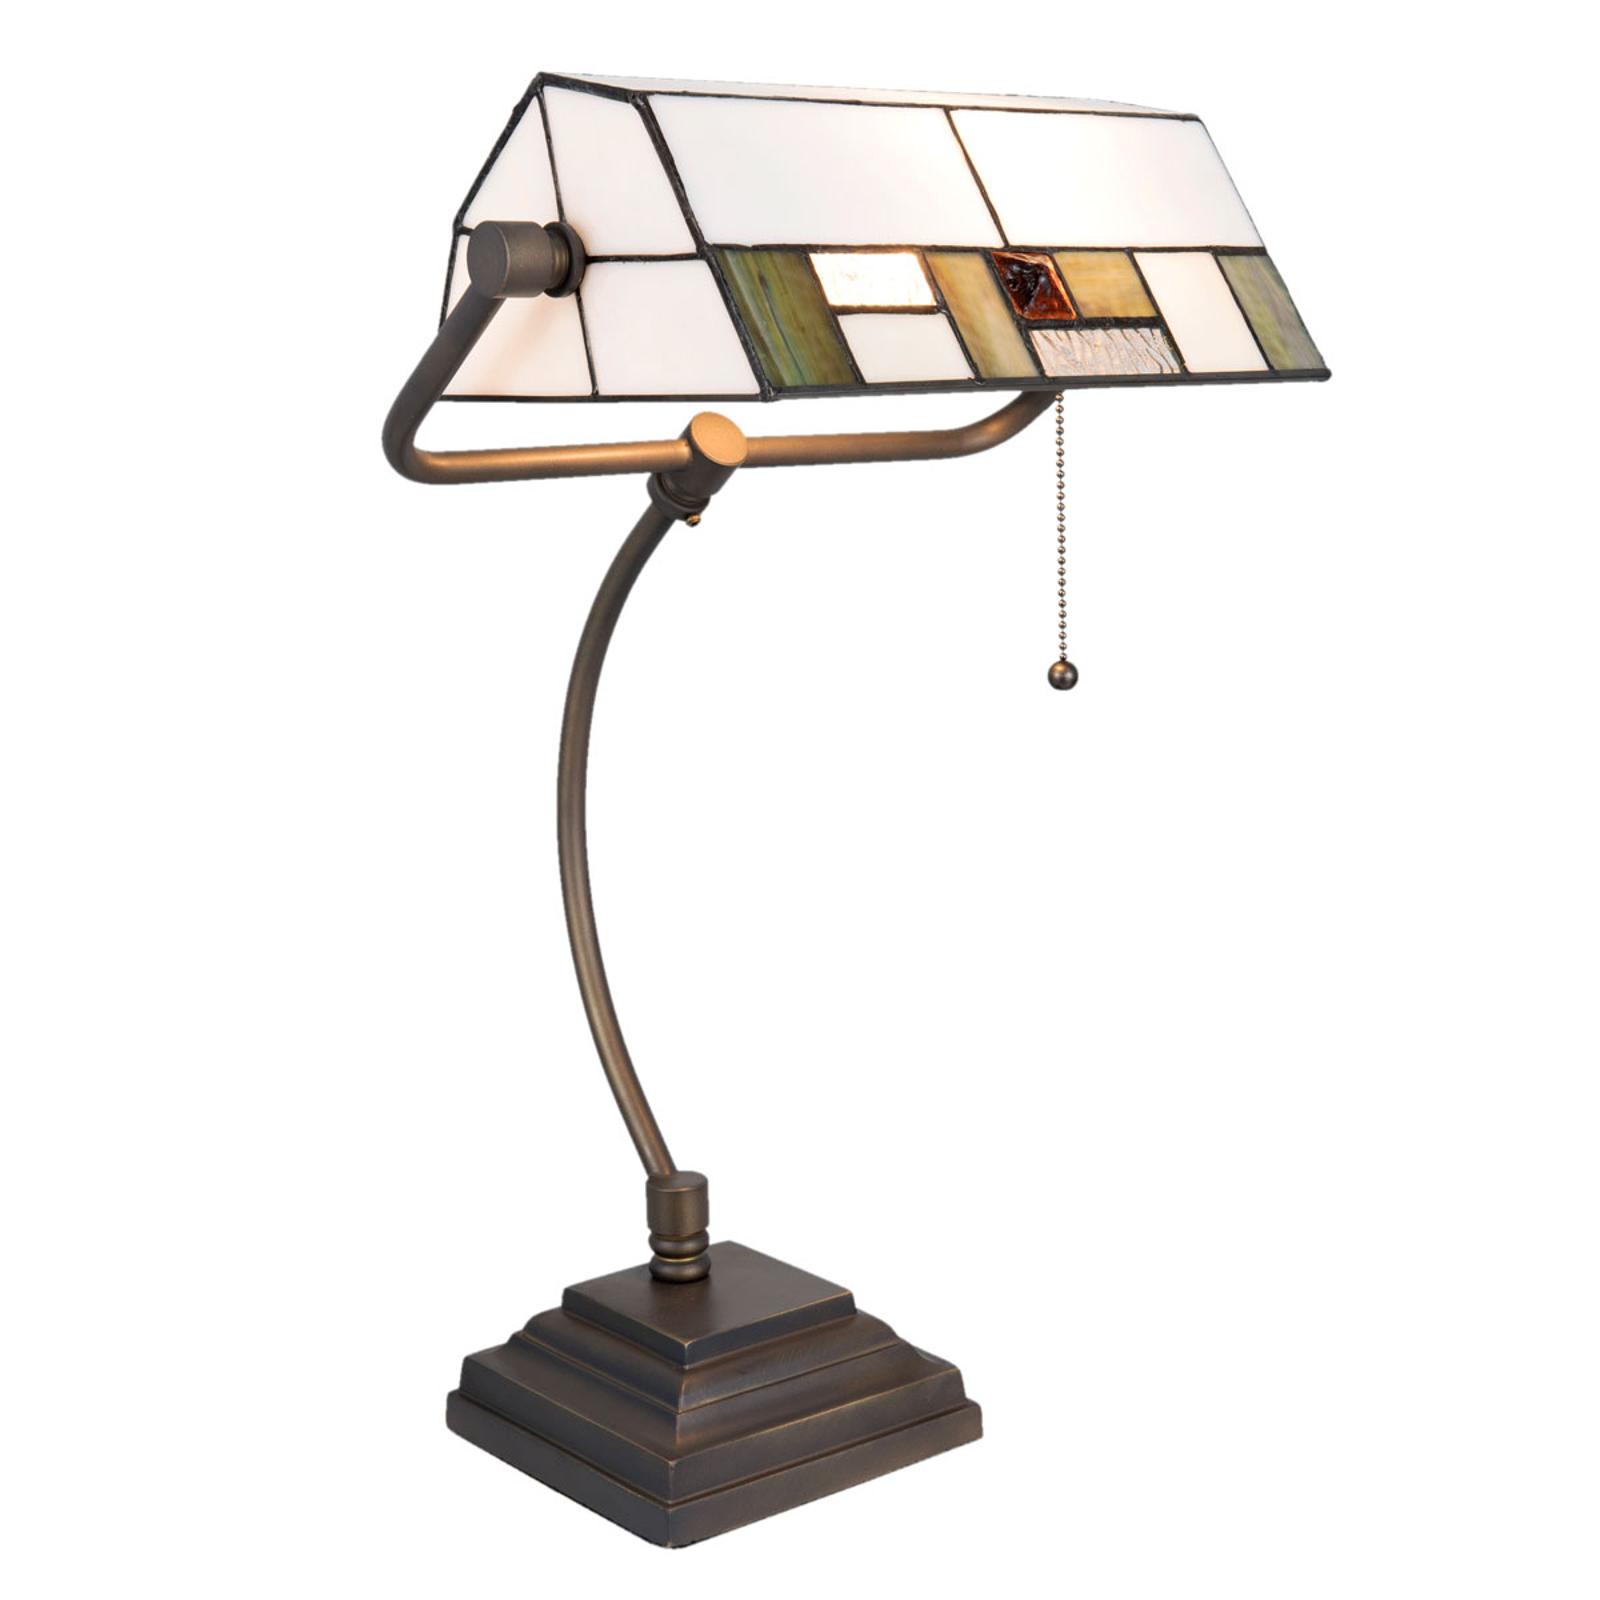 Stolní lampa 5194 skleněné stínidlo, bílá-zelená